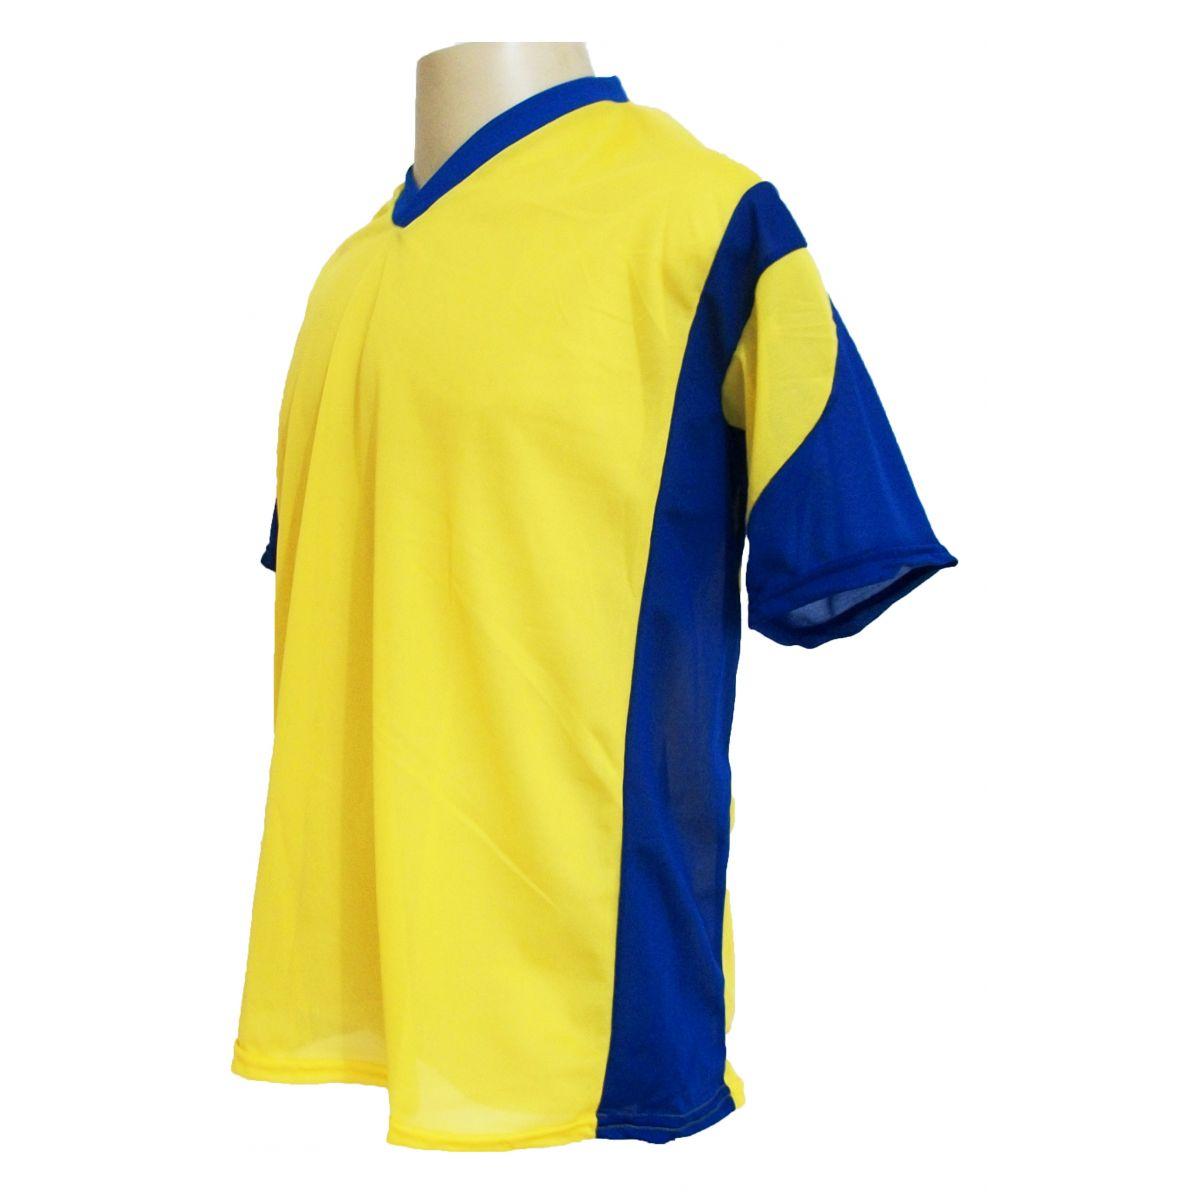 Jogo de Camisa Promocional com 12 Peças Numeradas Modelo Attack Amarelo/Royal - Frete Grátis Brasil